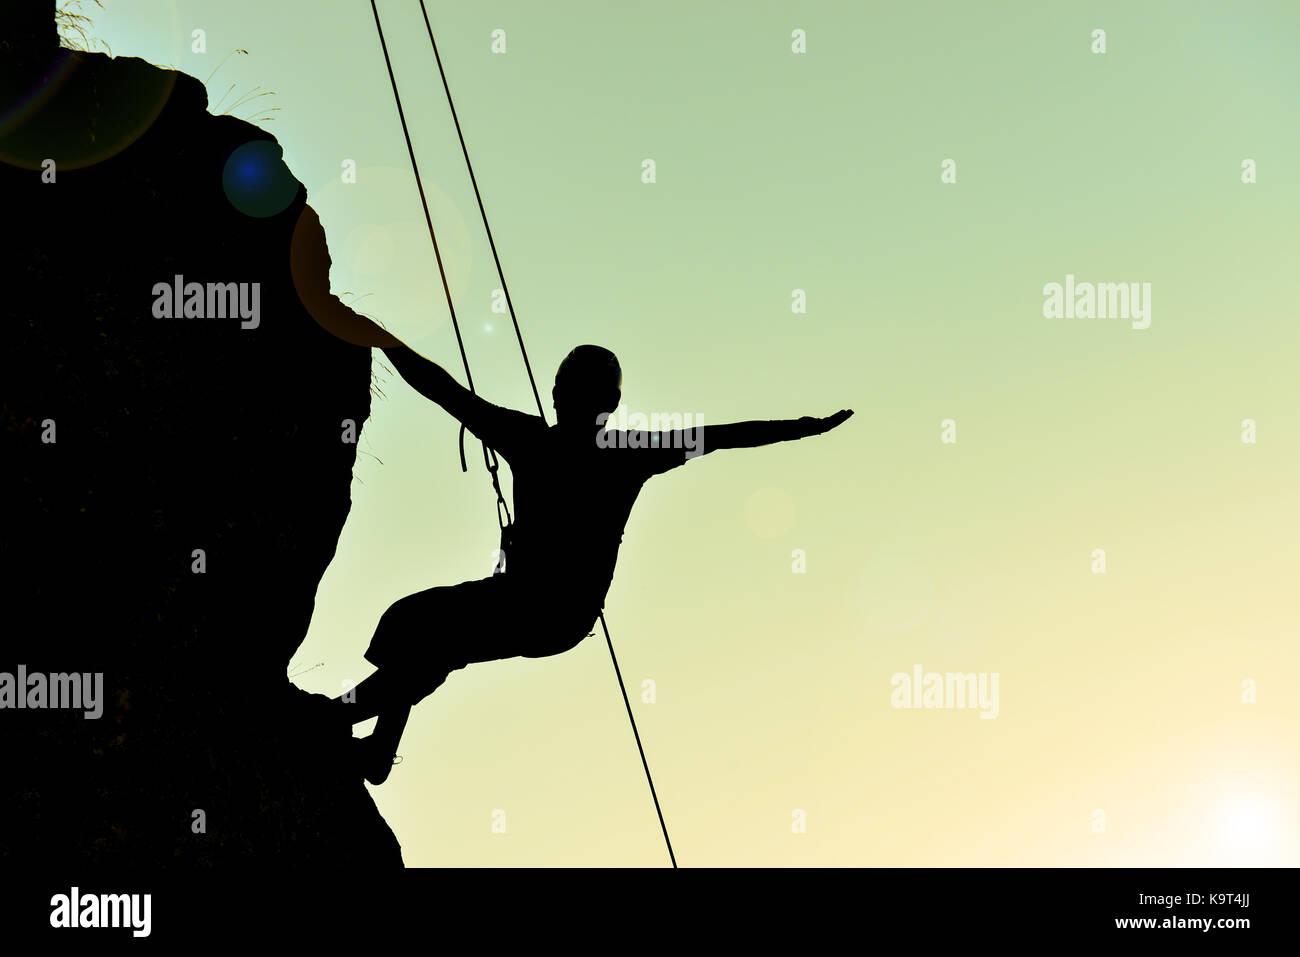 Cliff lo scalatore silhouette Immagini Stock